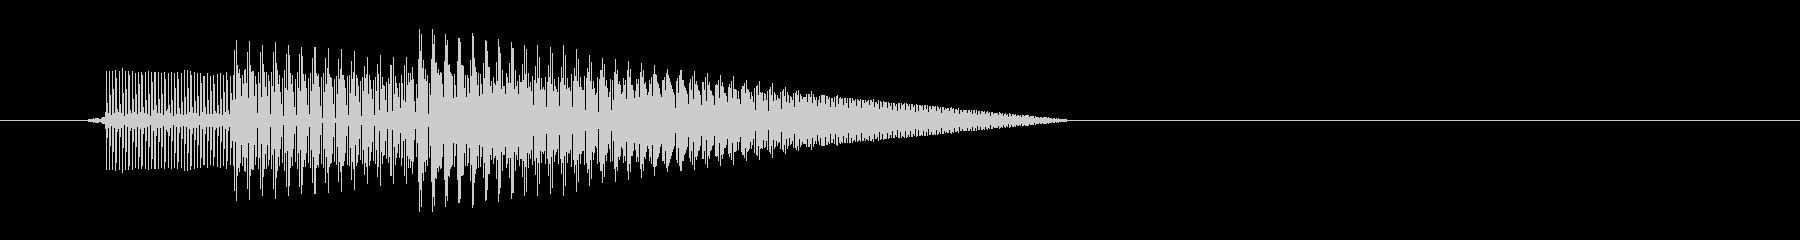 テレレッ↑(アイテム取得、8bit)の未再生の波形